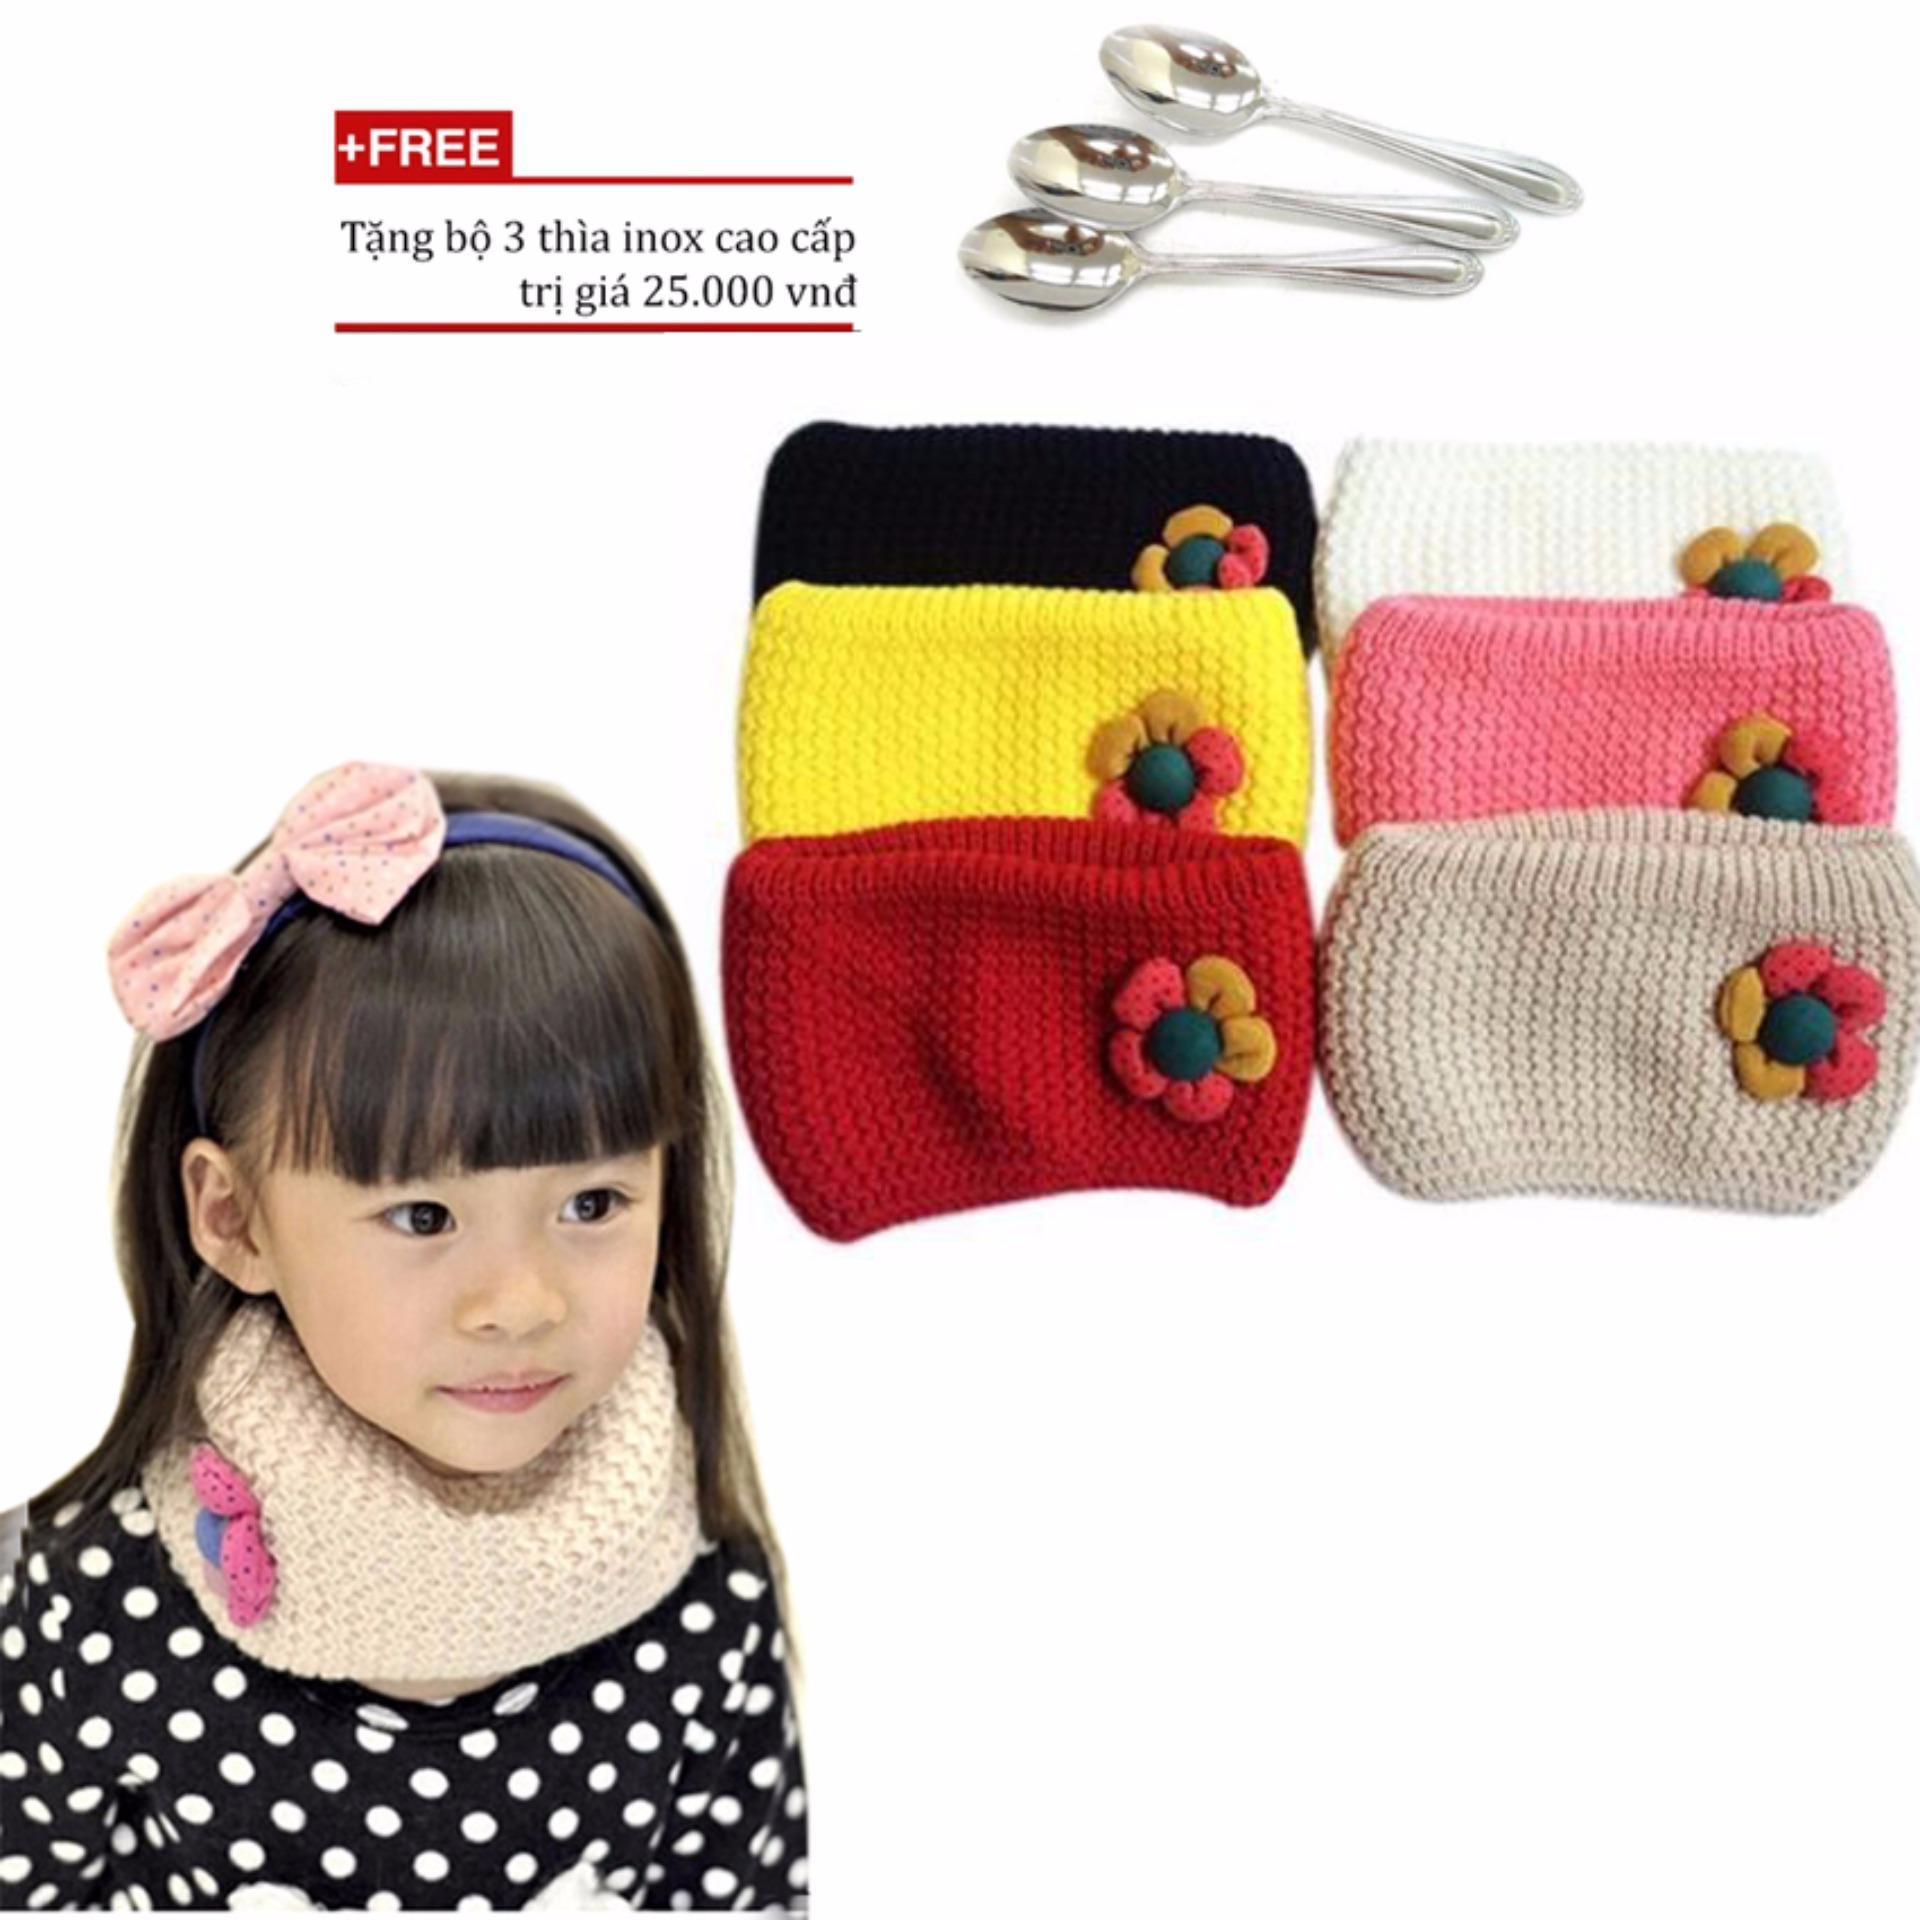 Khăn Ống Choàng Cổ/khăn Len Cho Trẻ Giá Tốt 360